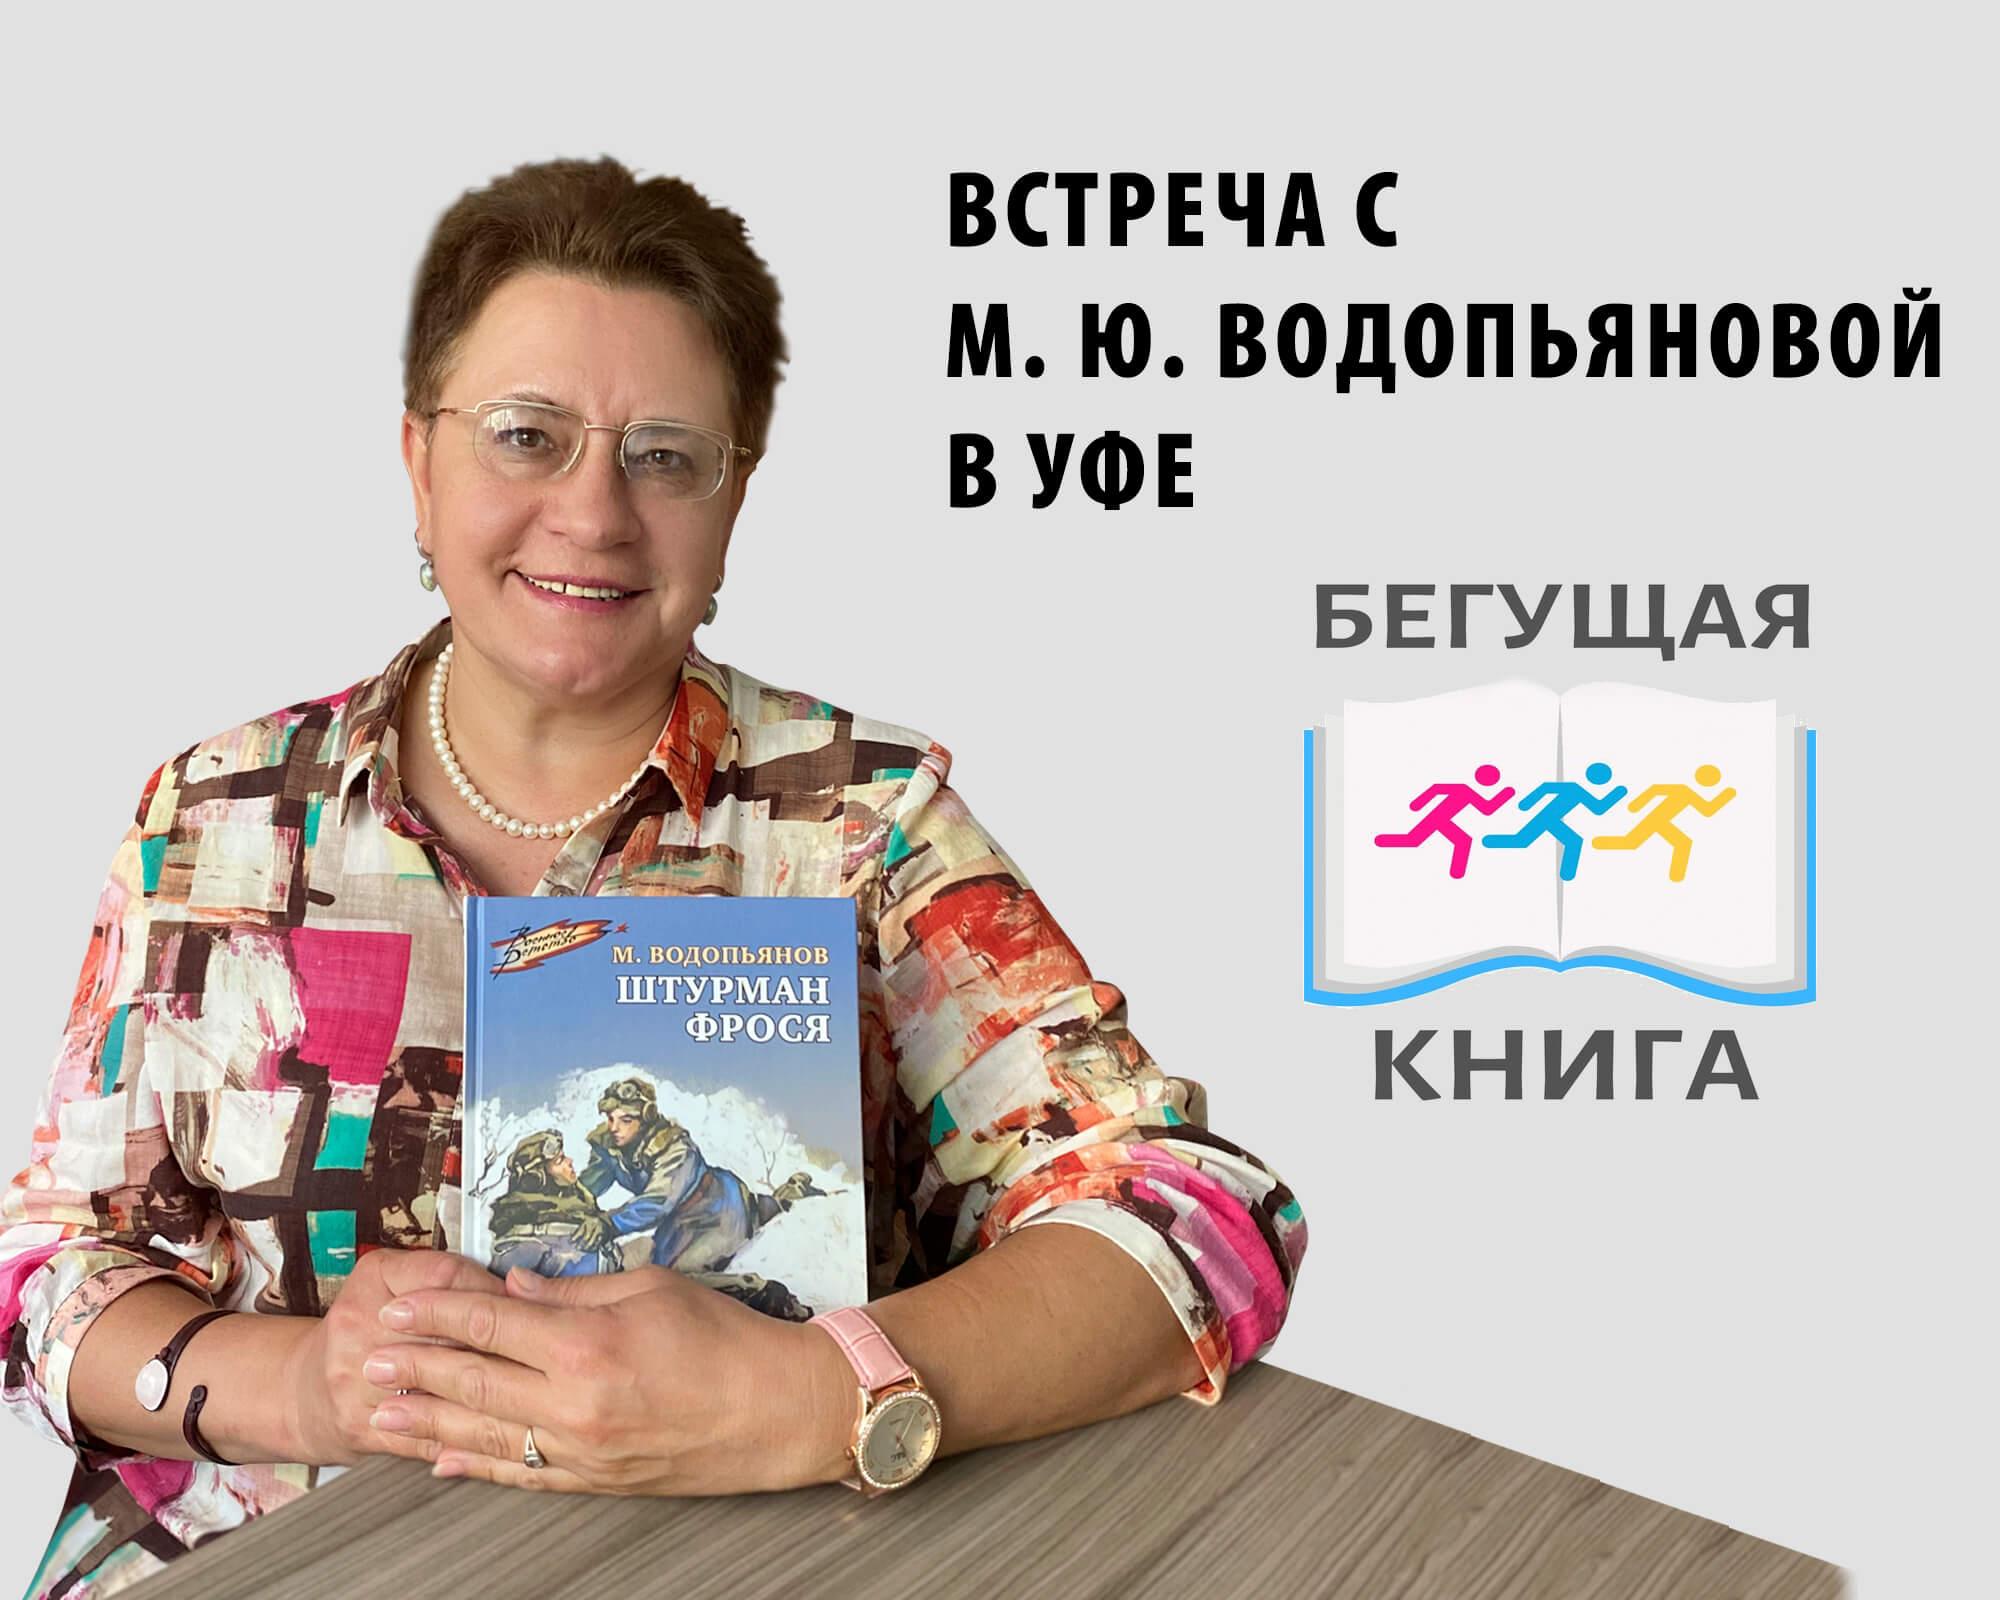 """Статья: """"Встреча в Уфе"""" - Издательство «Детская литература»"""